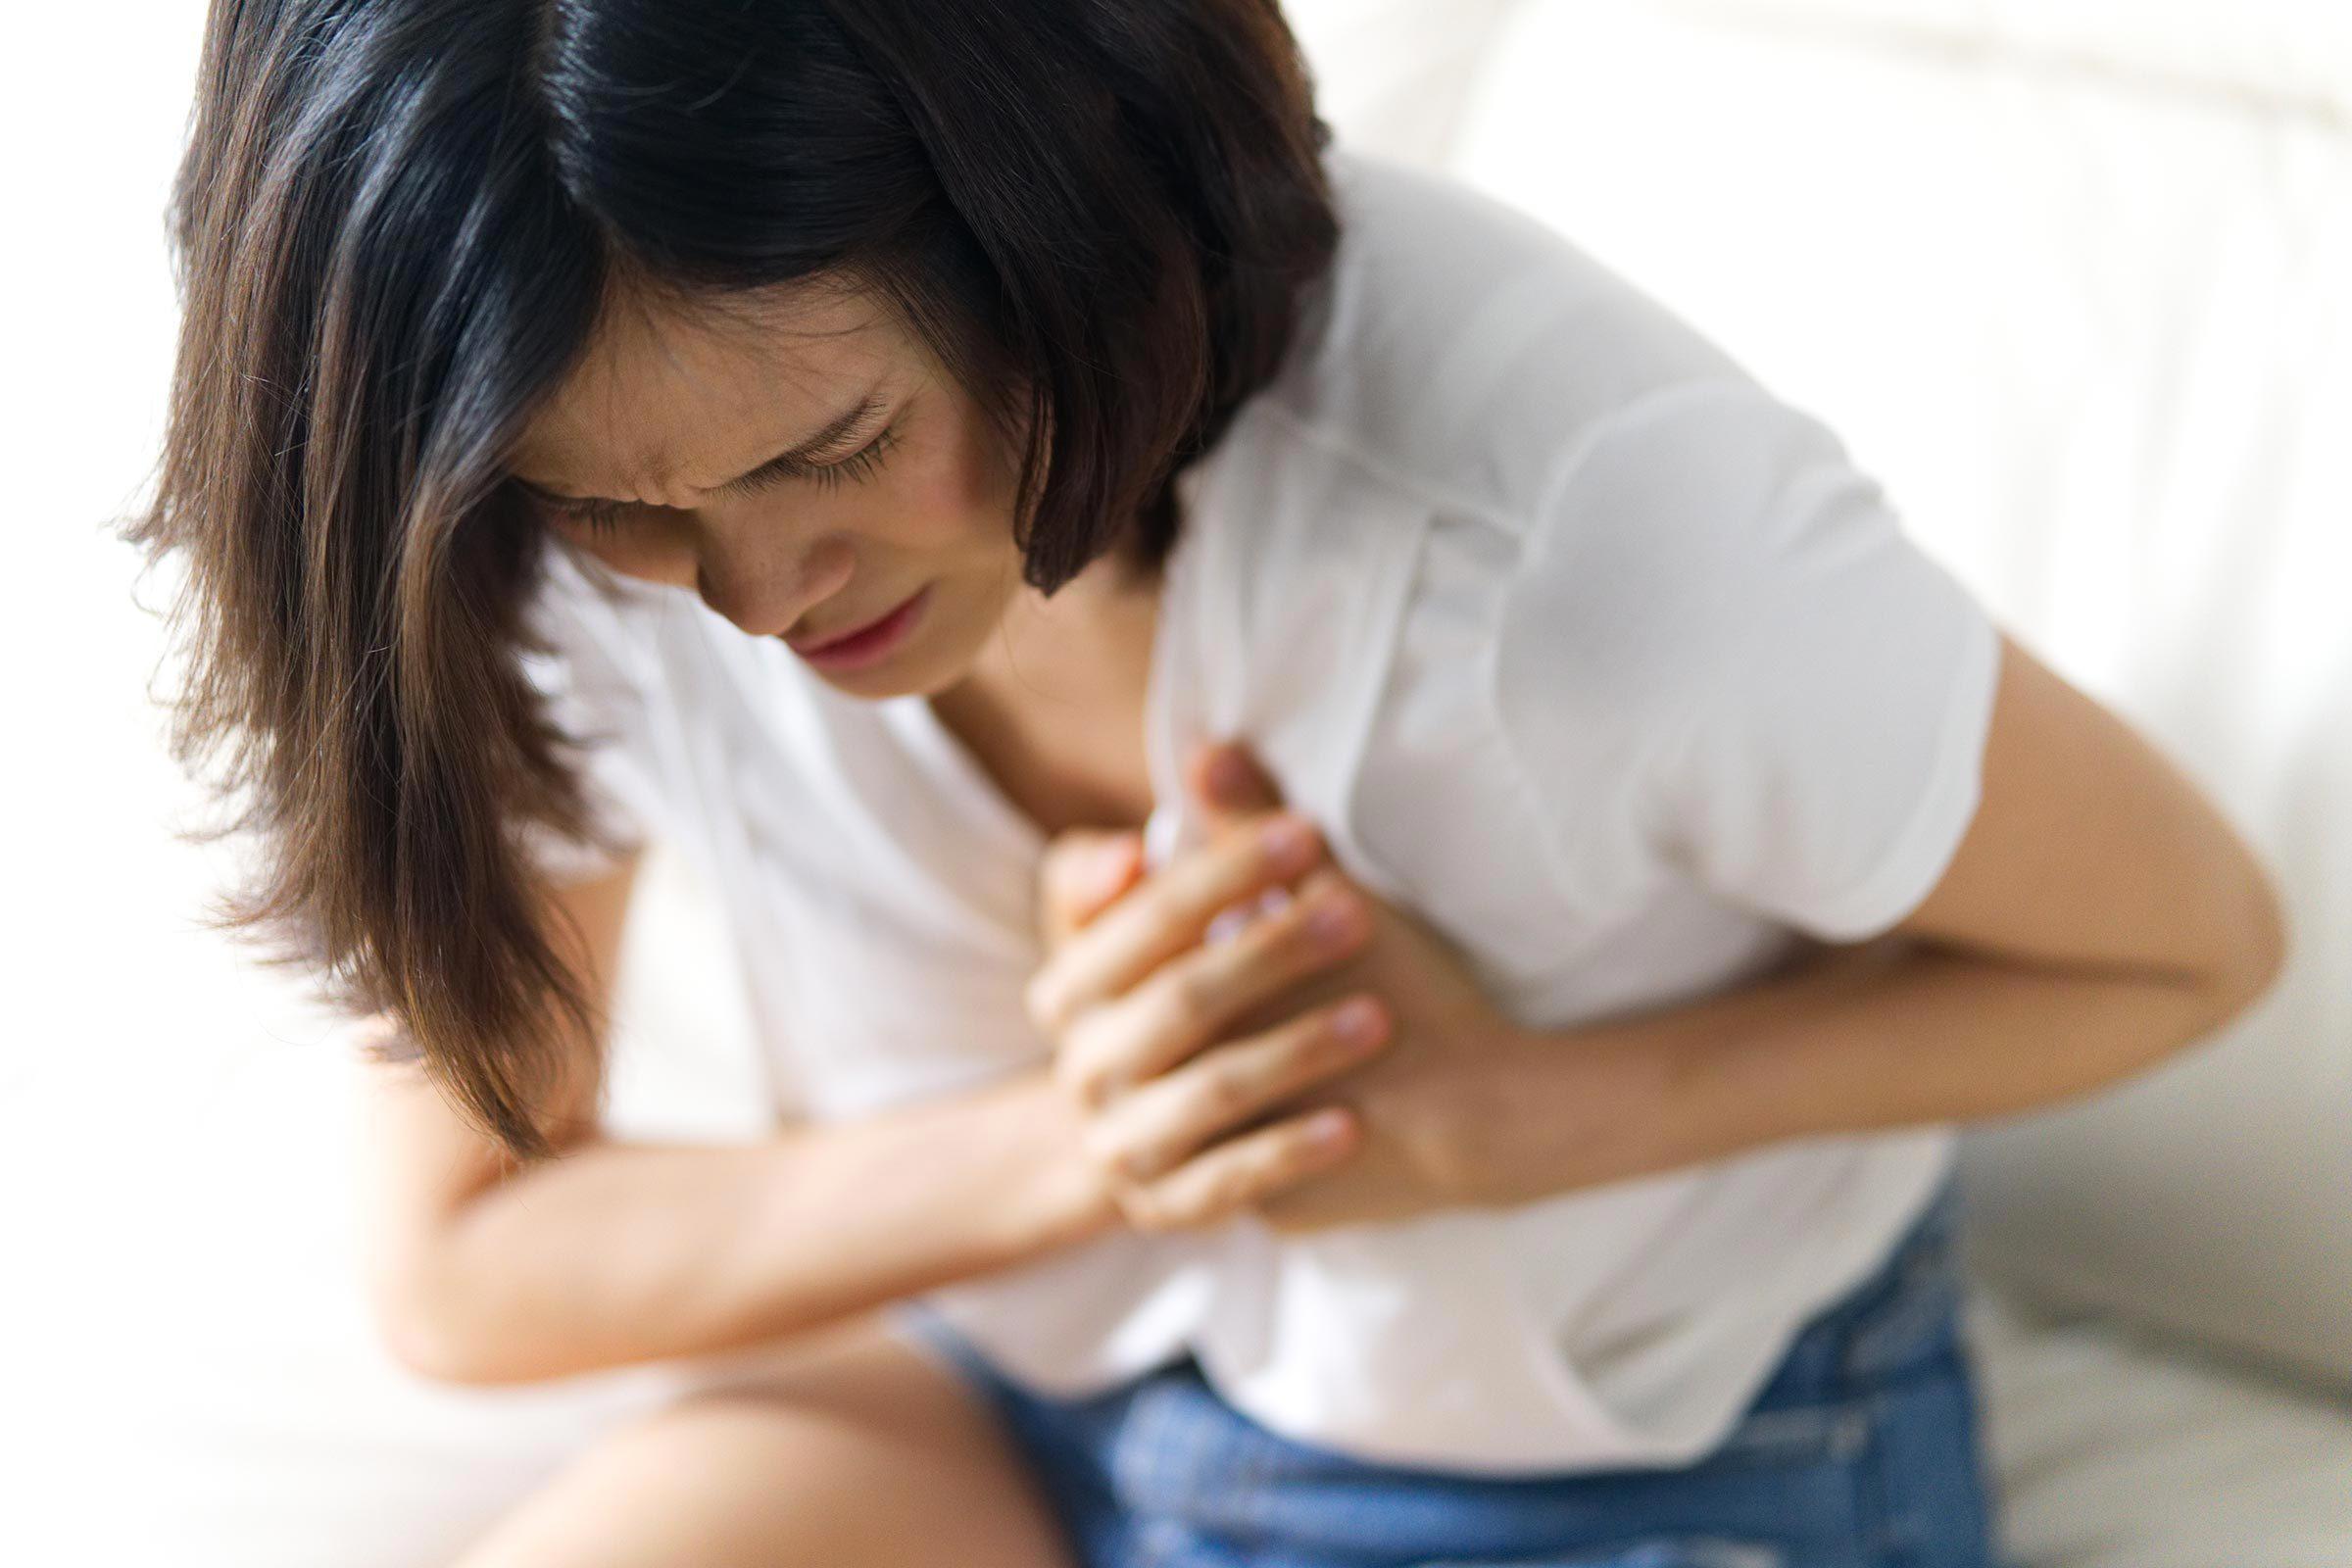 Crise cardiaque ou crise d'angoisse?